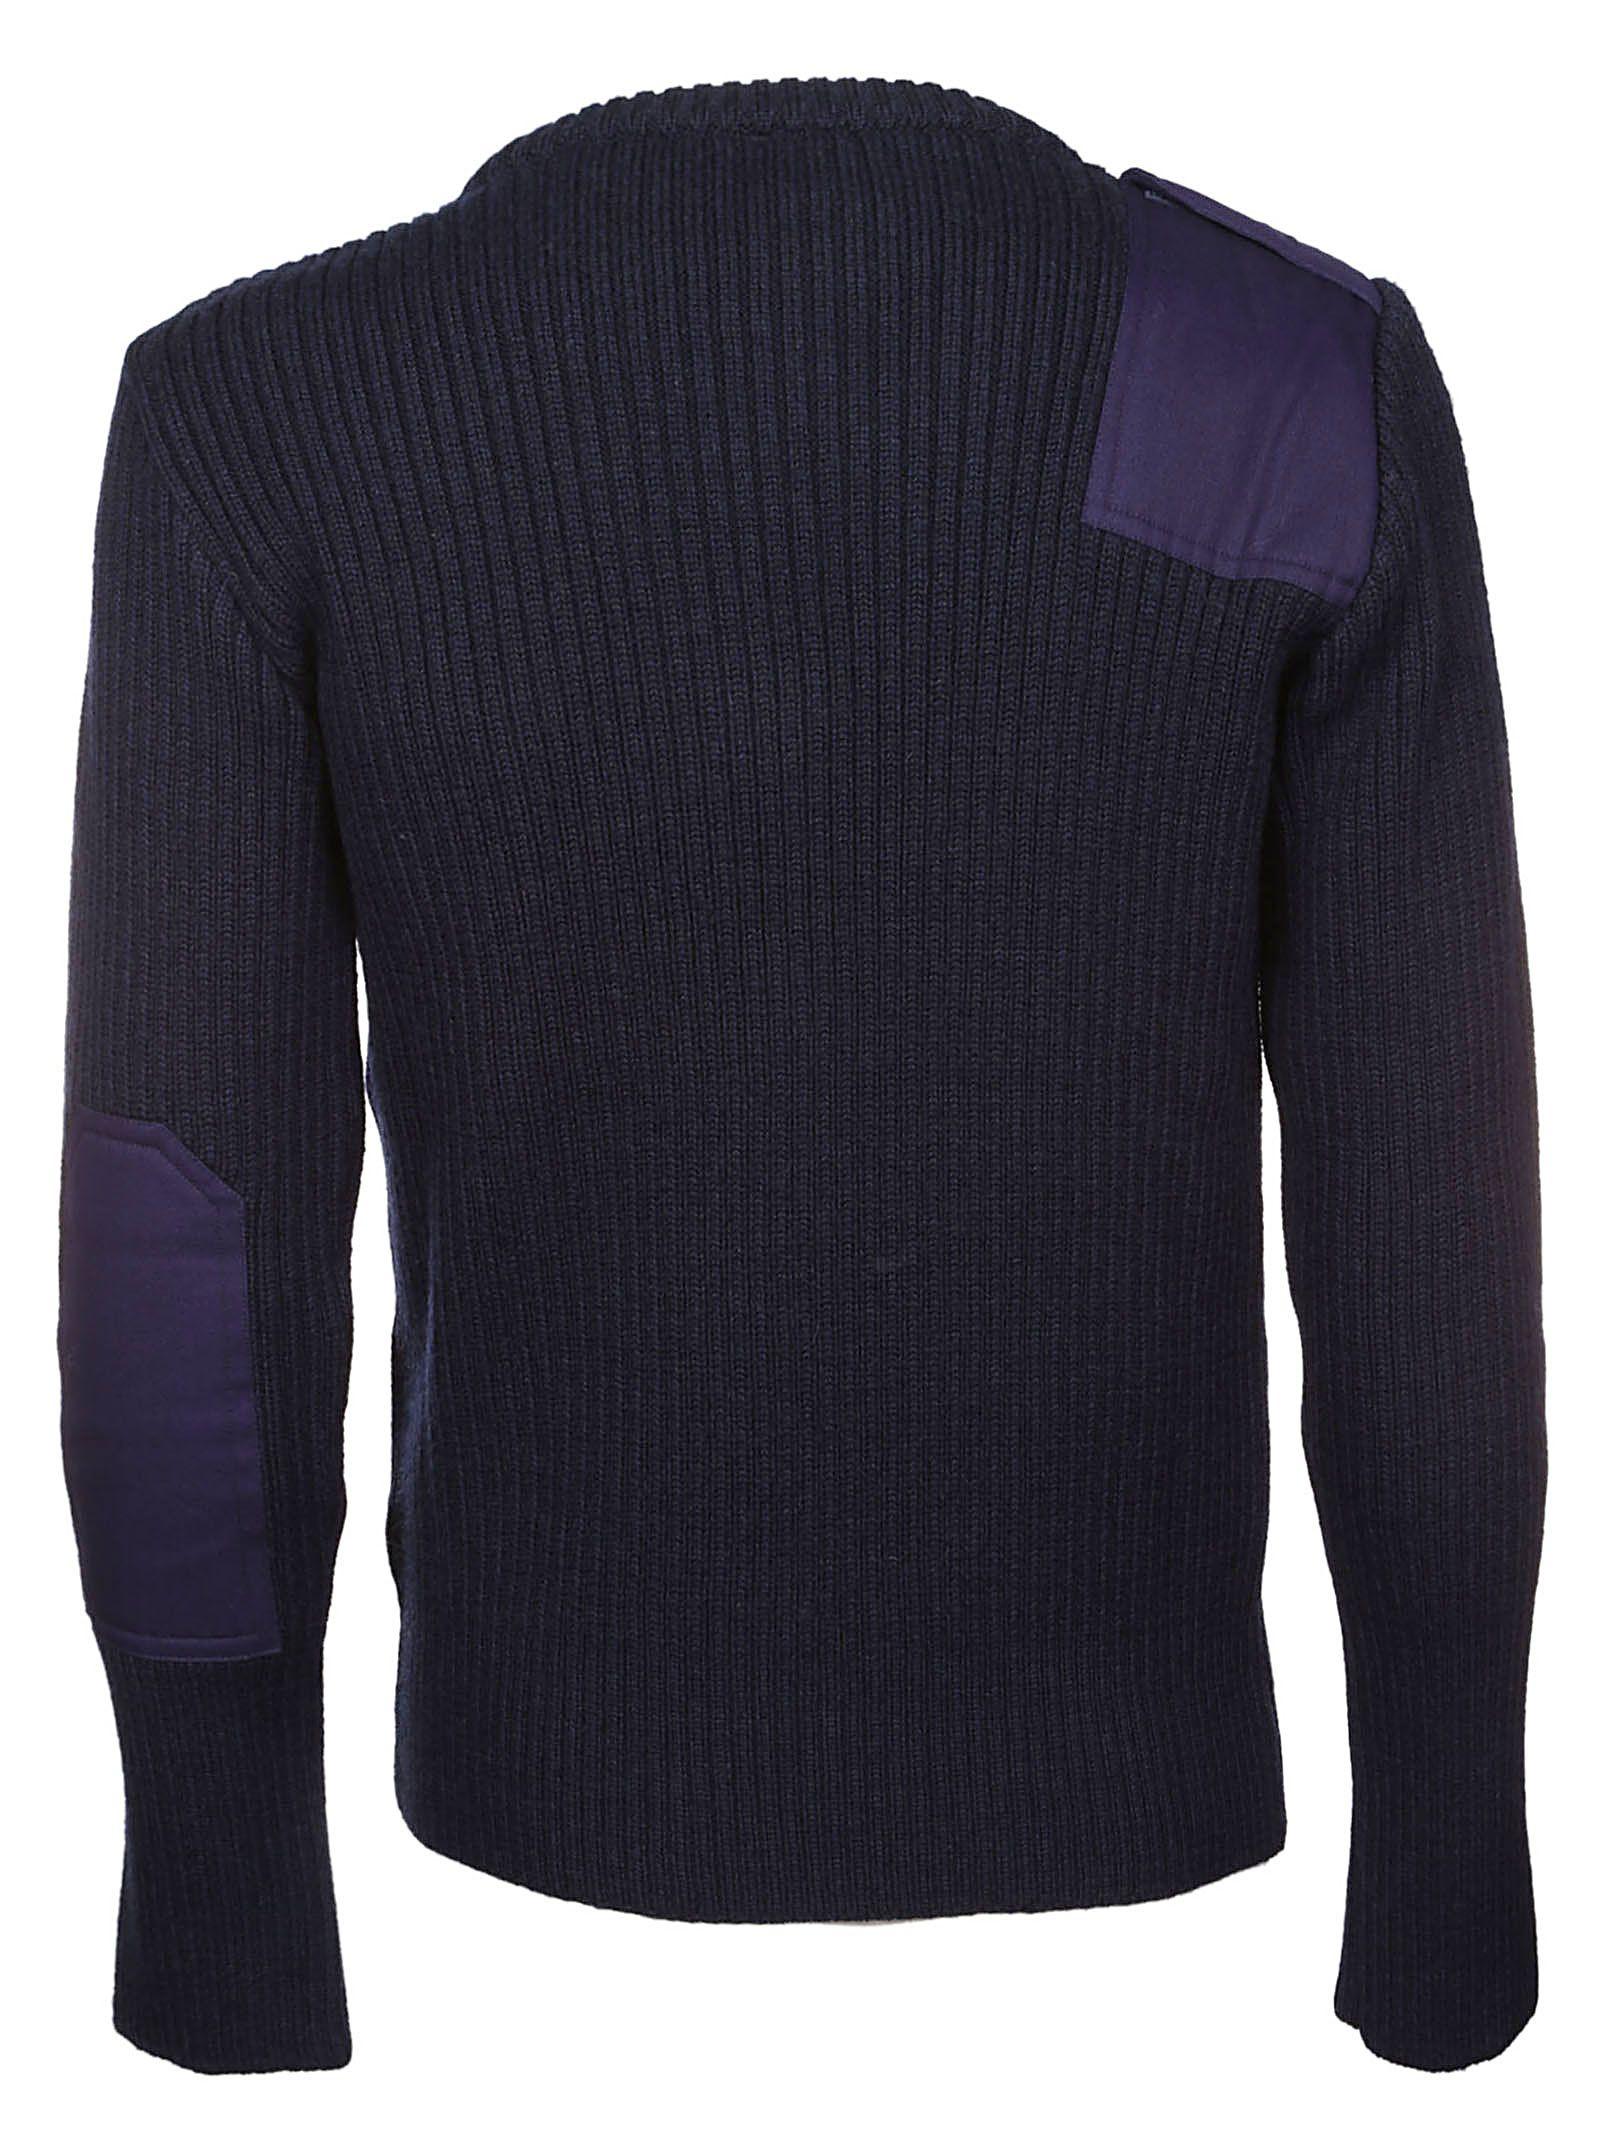 Pocket Rubchinskiy Camouflage Sweater Navy Gosha 7EZwqZ